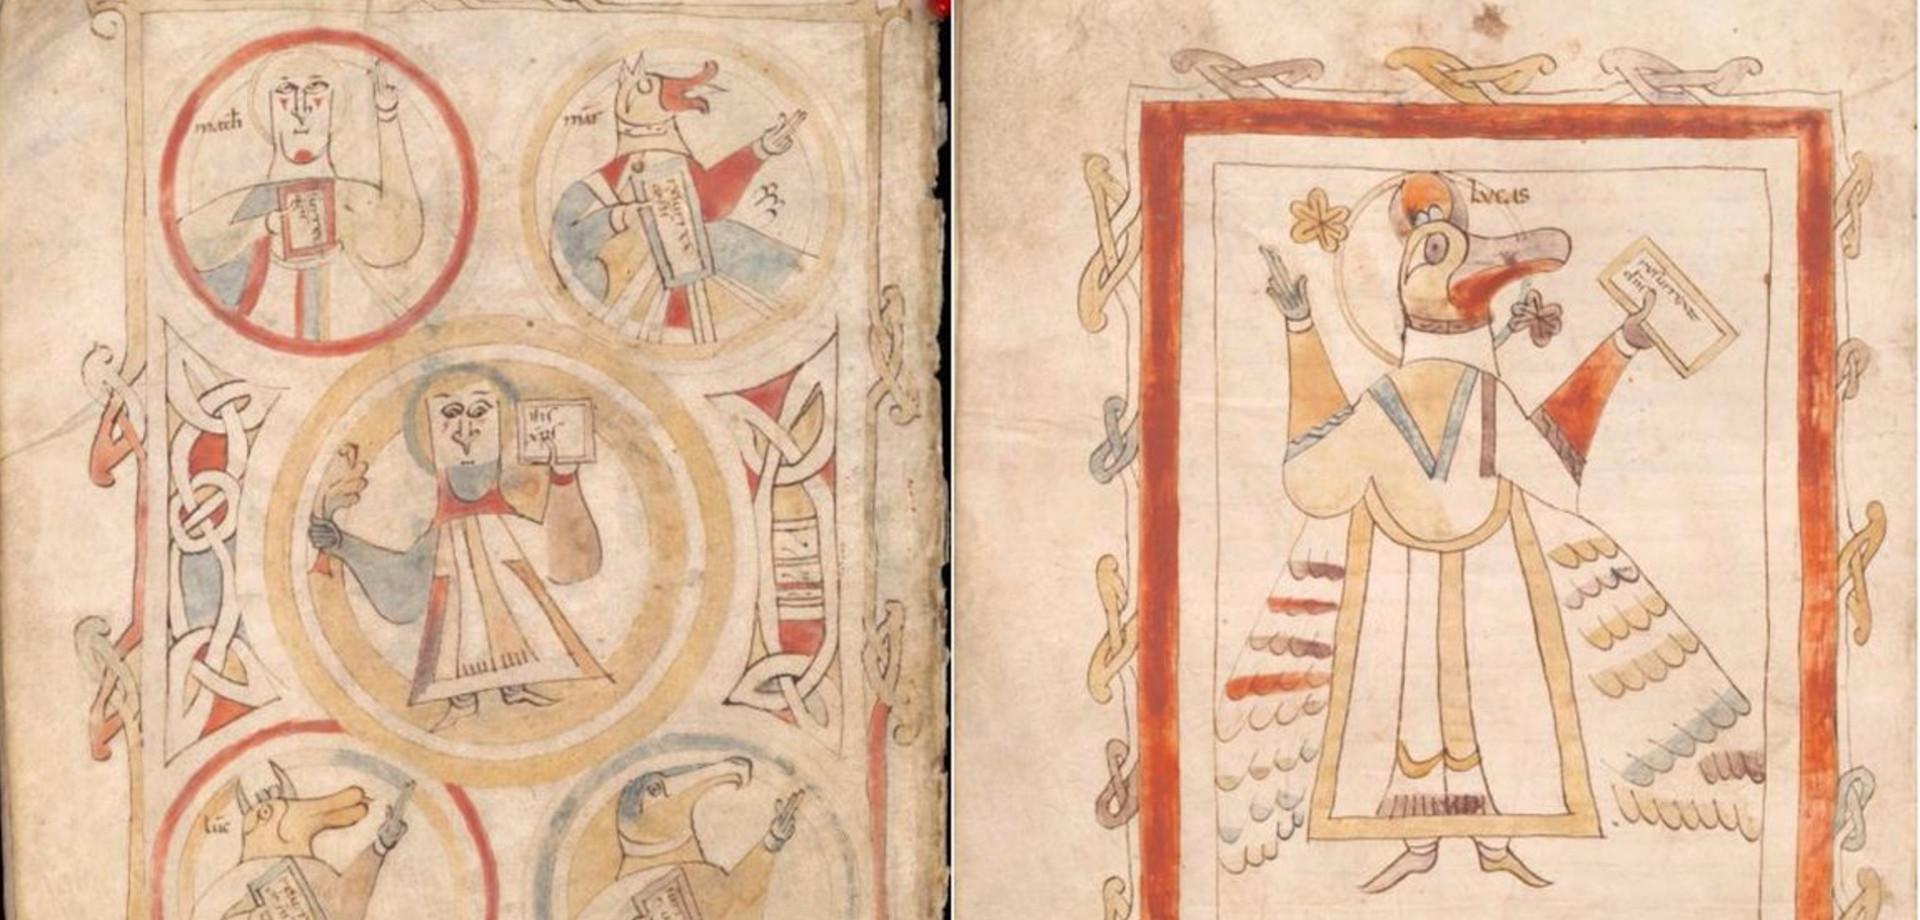 Που χρονολογείται από τα αρχαιότερα χειρόγραφα της νέας διαθήκης